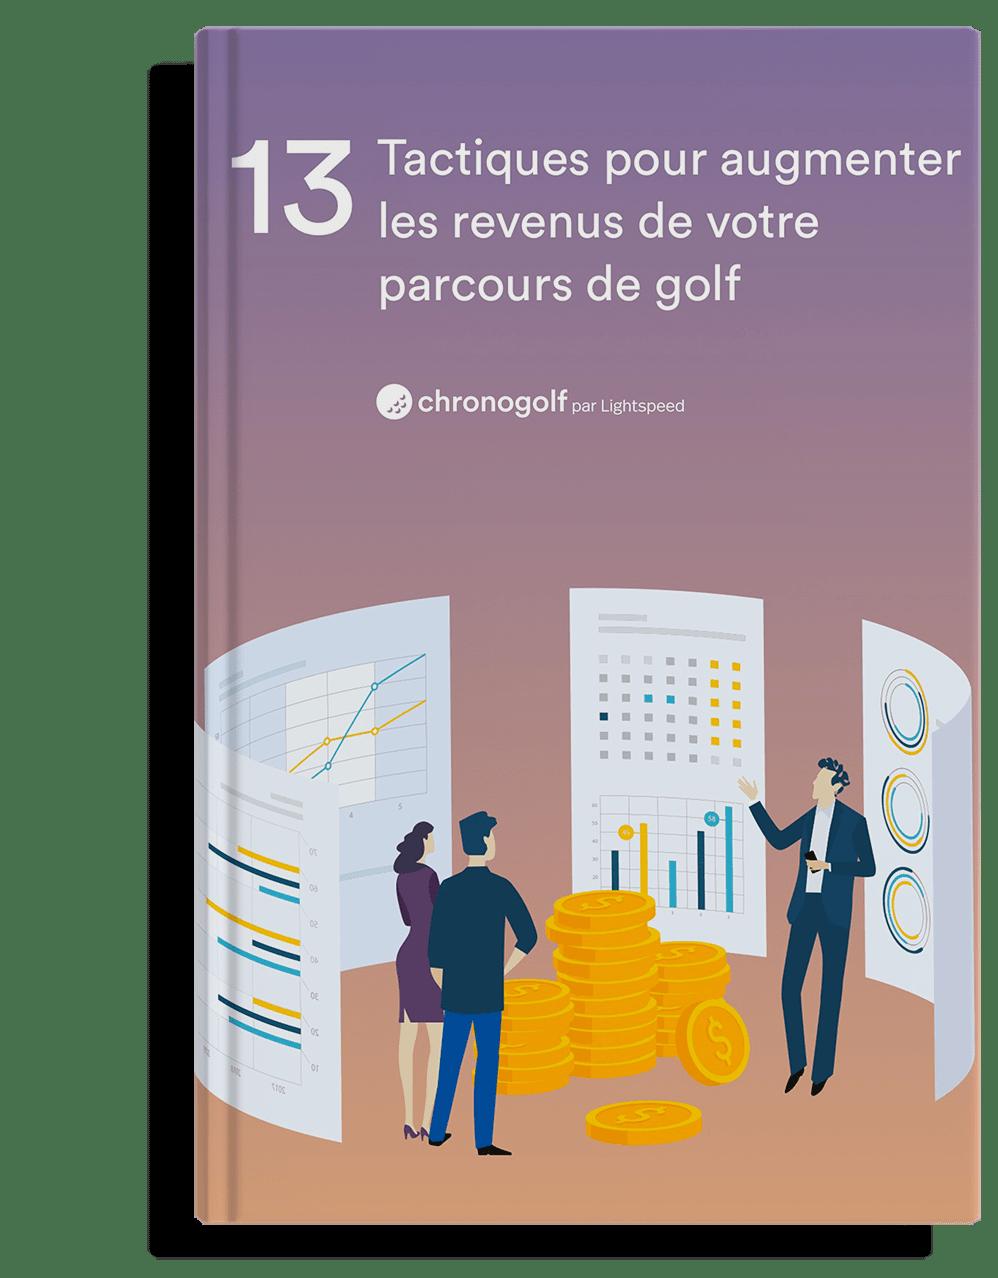 13-tactics-boost-revenue-fr